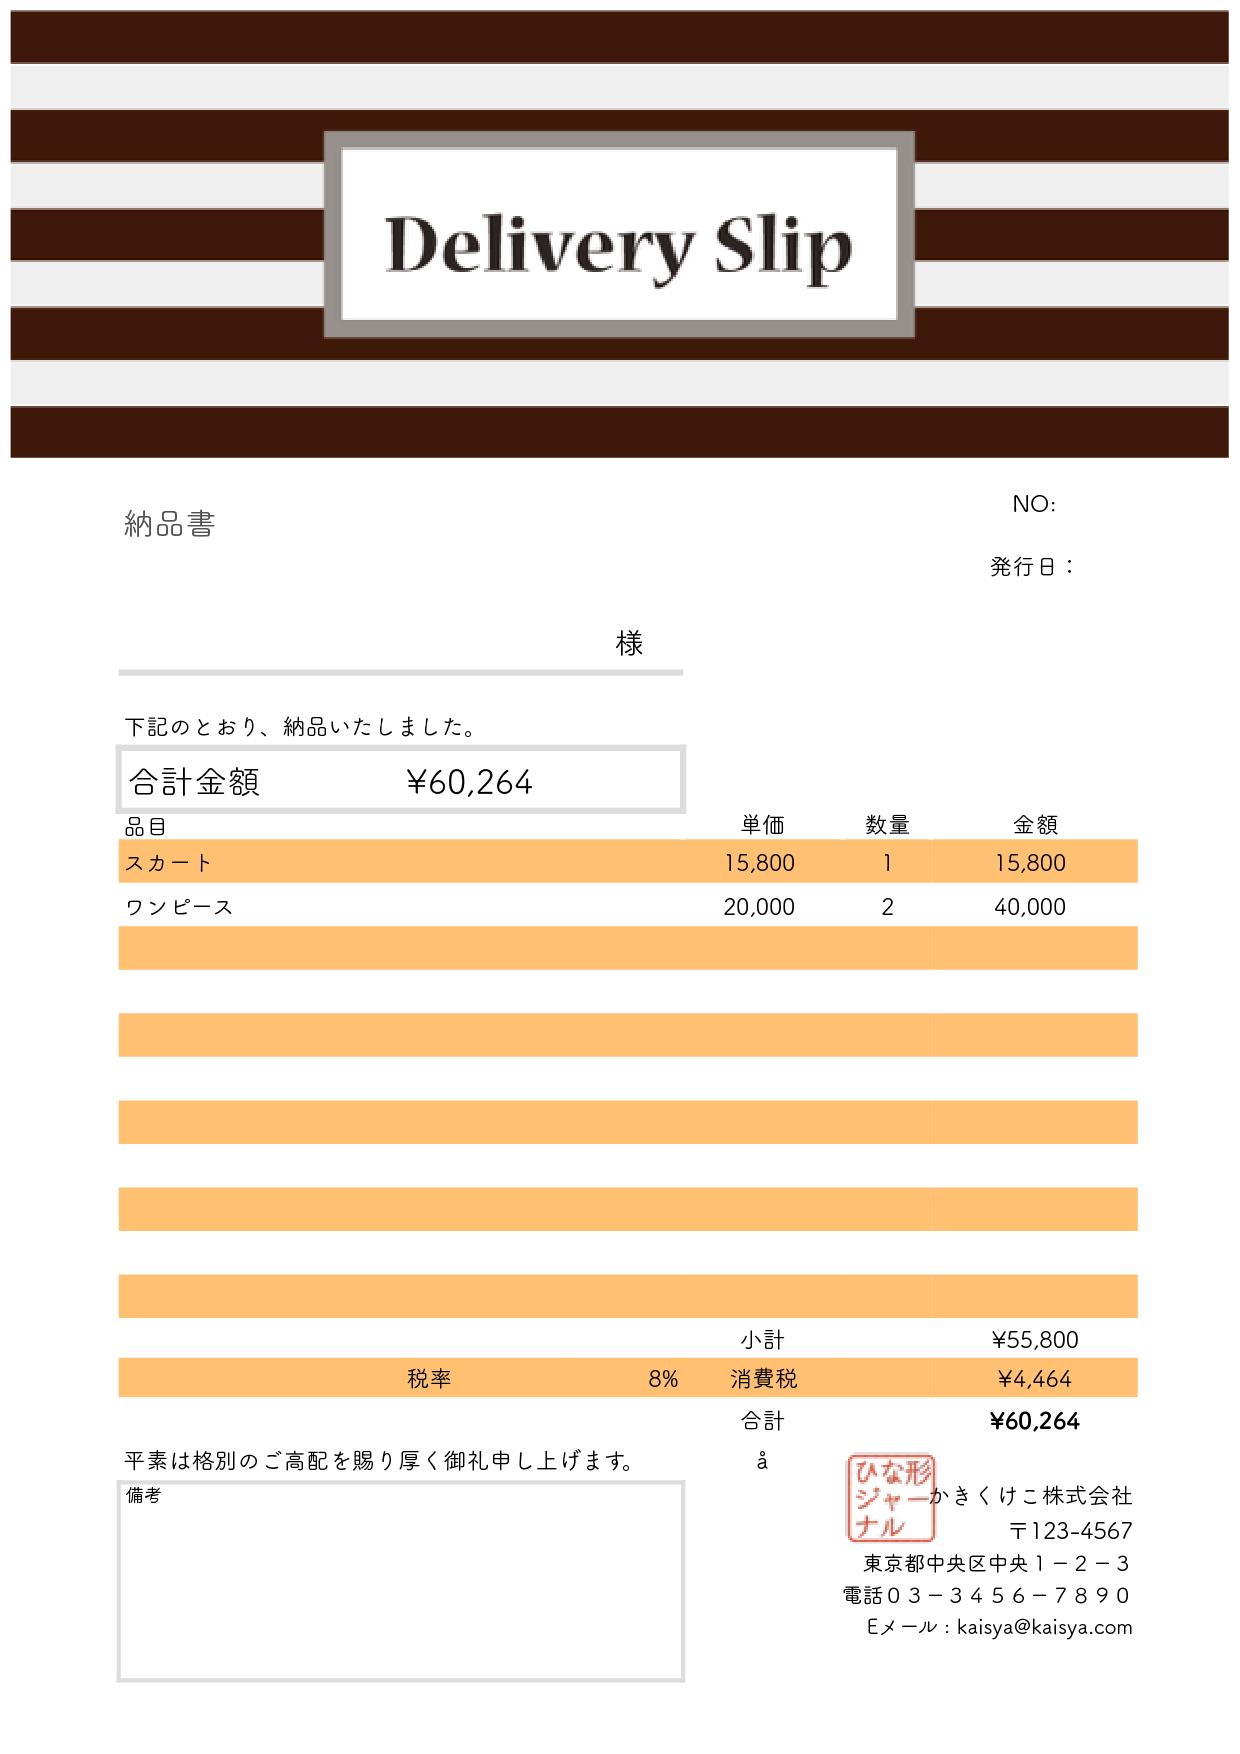 納品書 テンプレート オシャレなボーダーデザイン・ブラウン(ナンバーズ、エクセル)